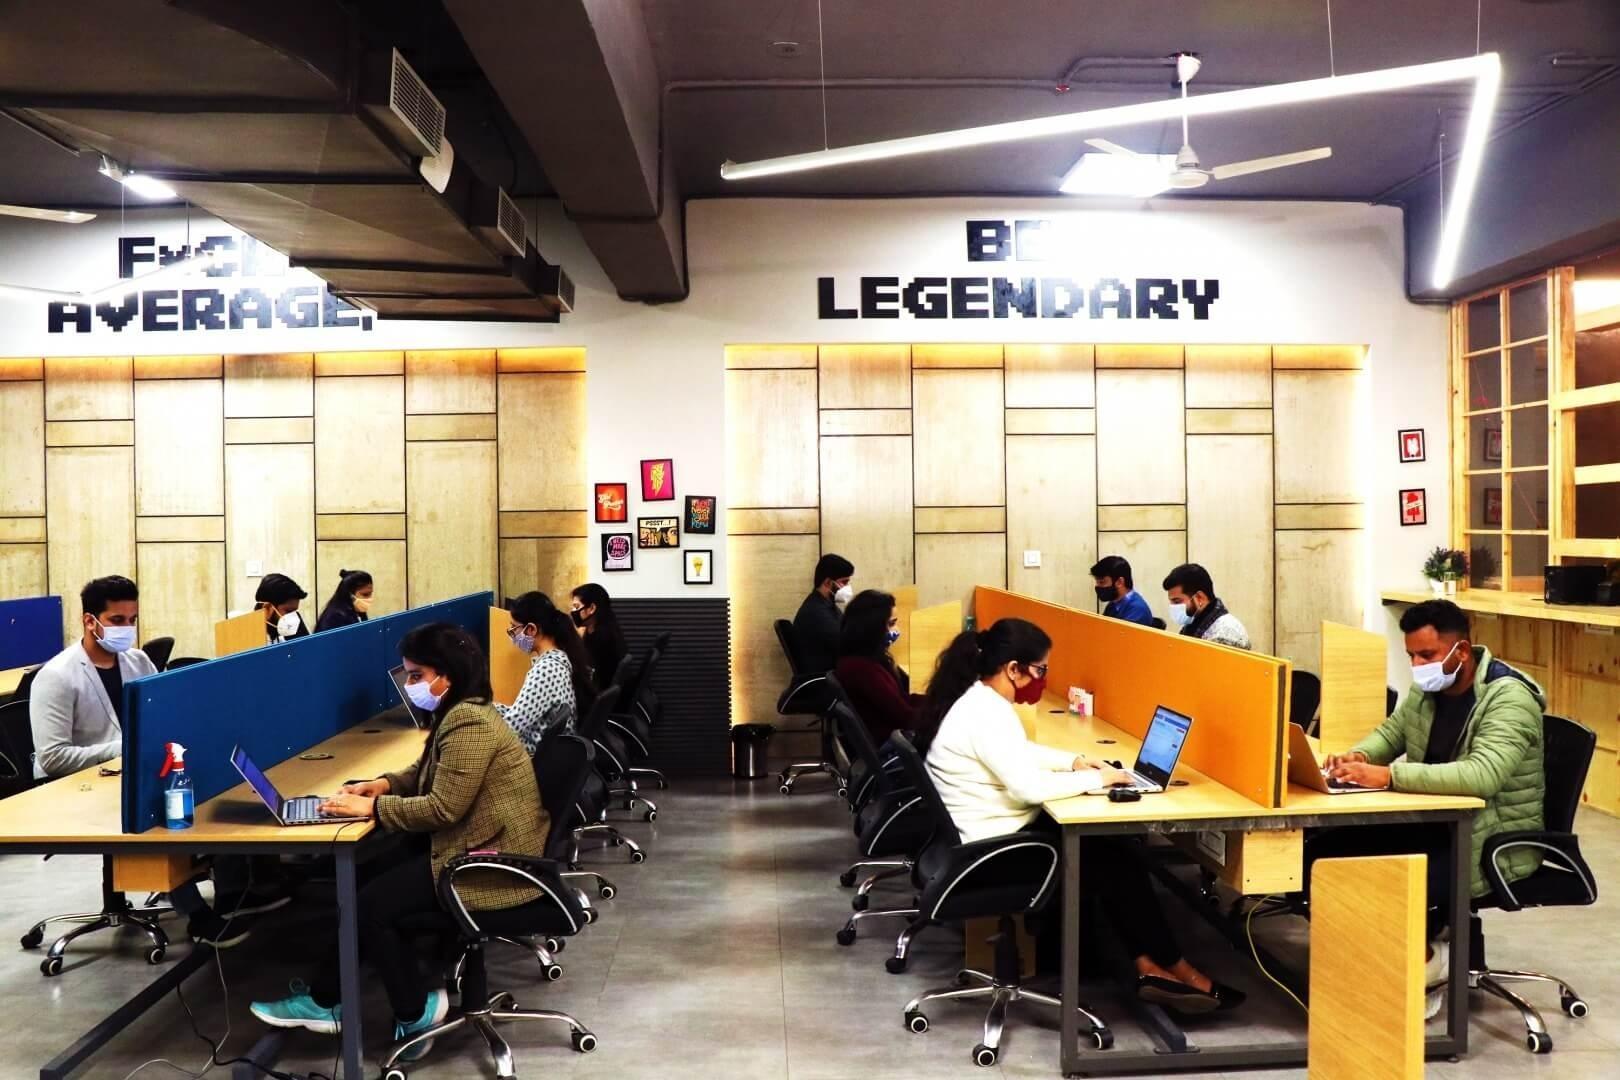 Be_Legendary.jpg